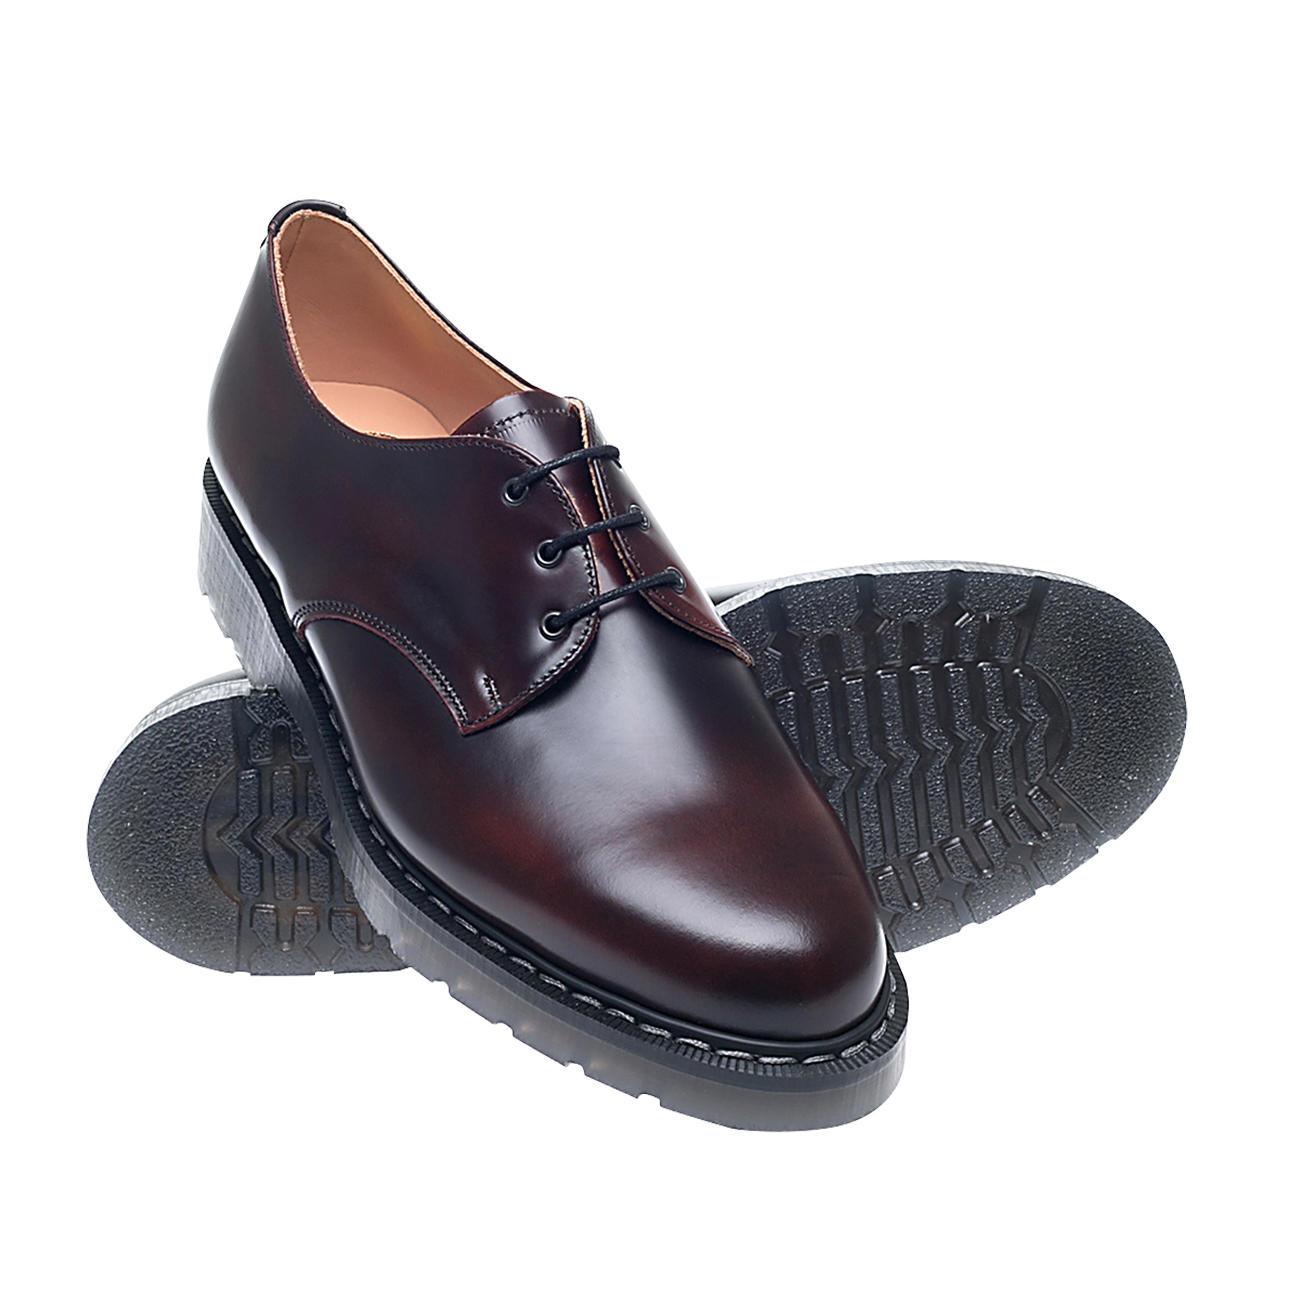 Shoe for Crew Neuheit rutschsicher